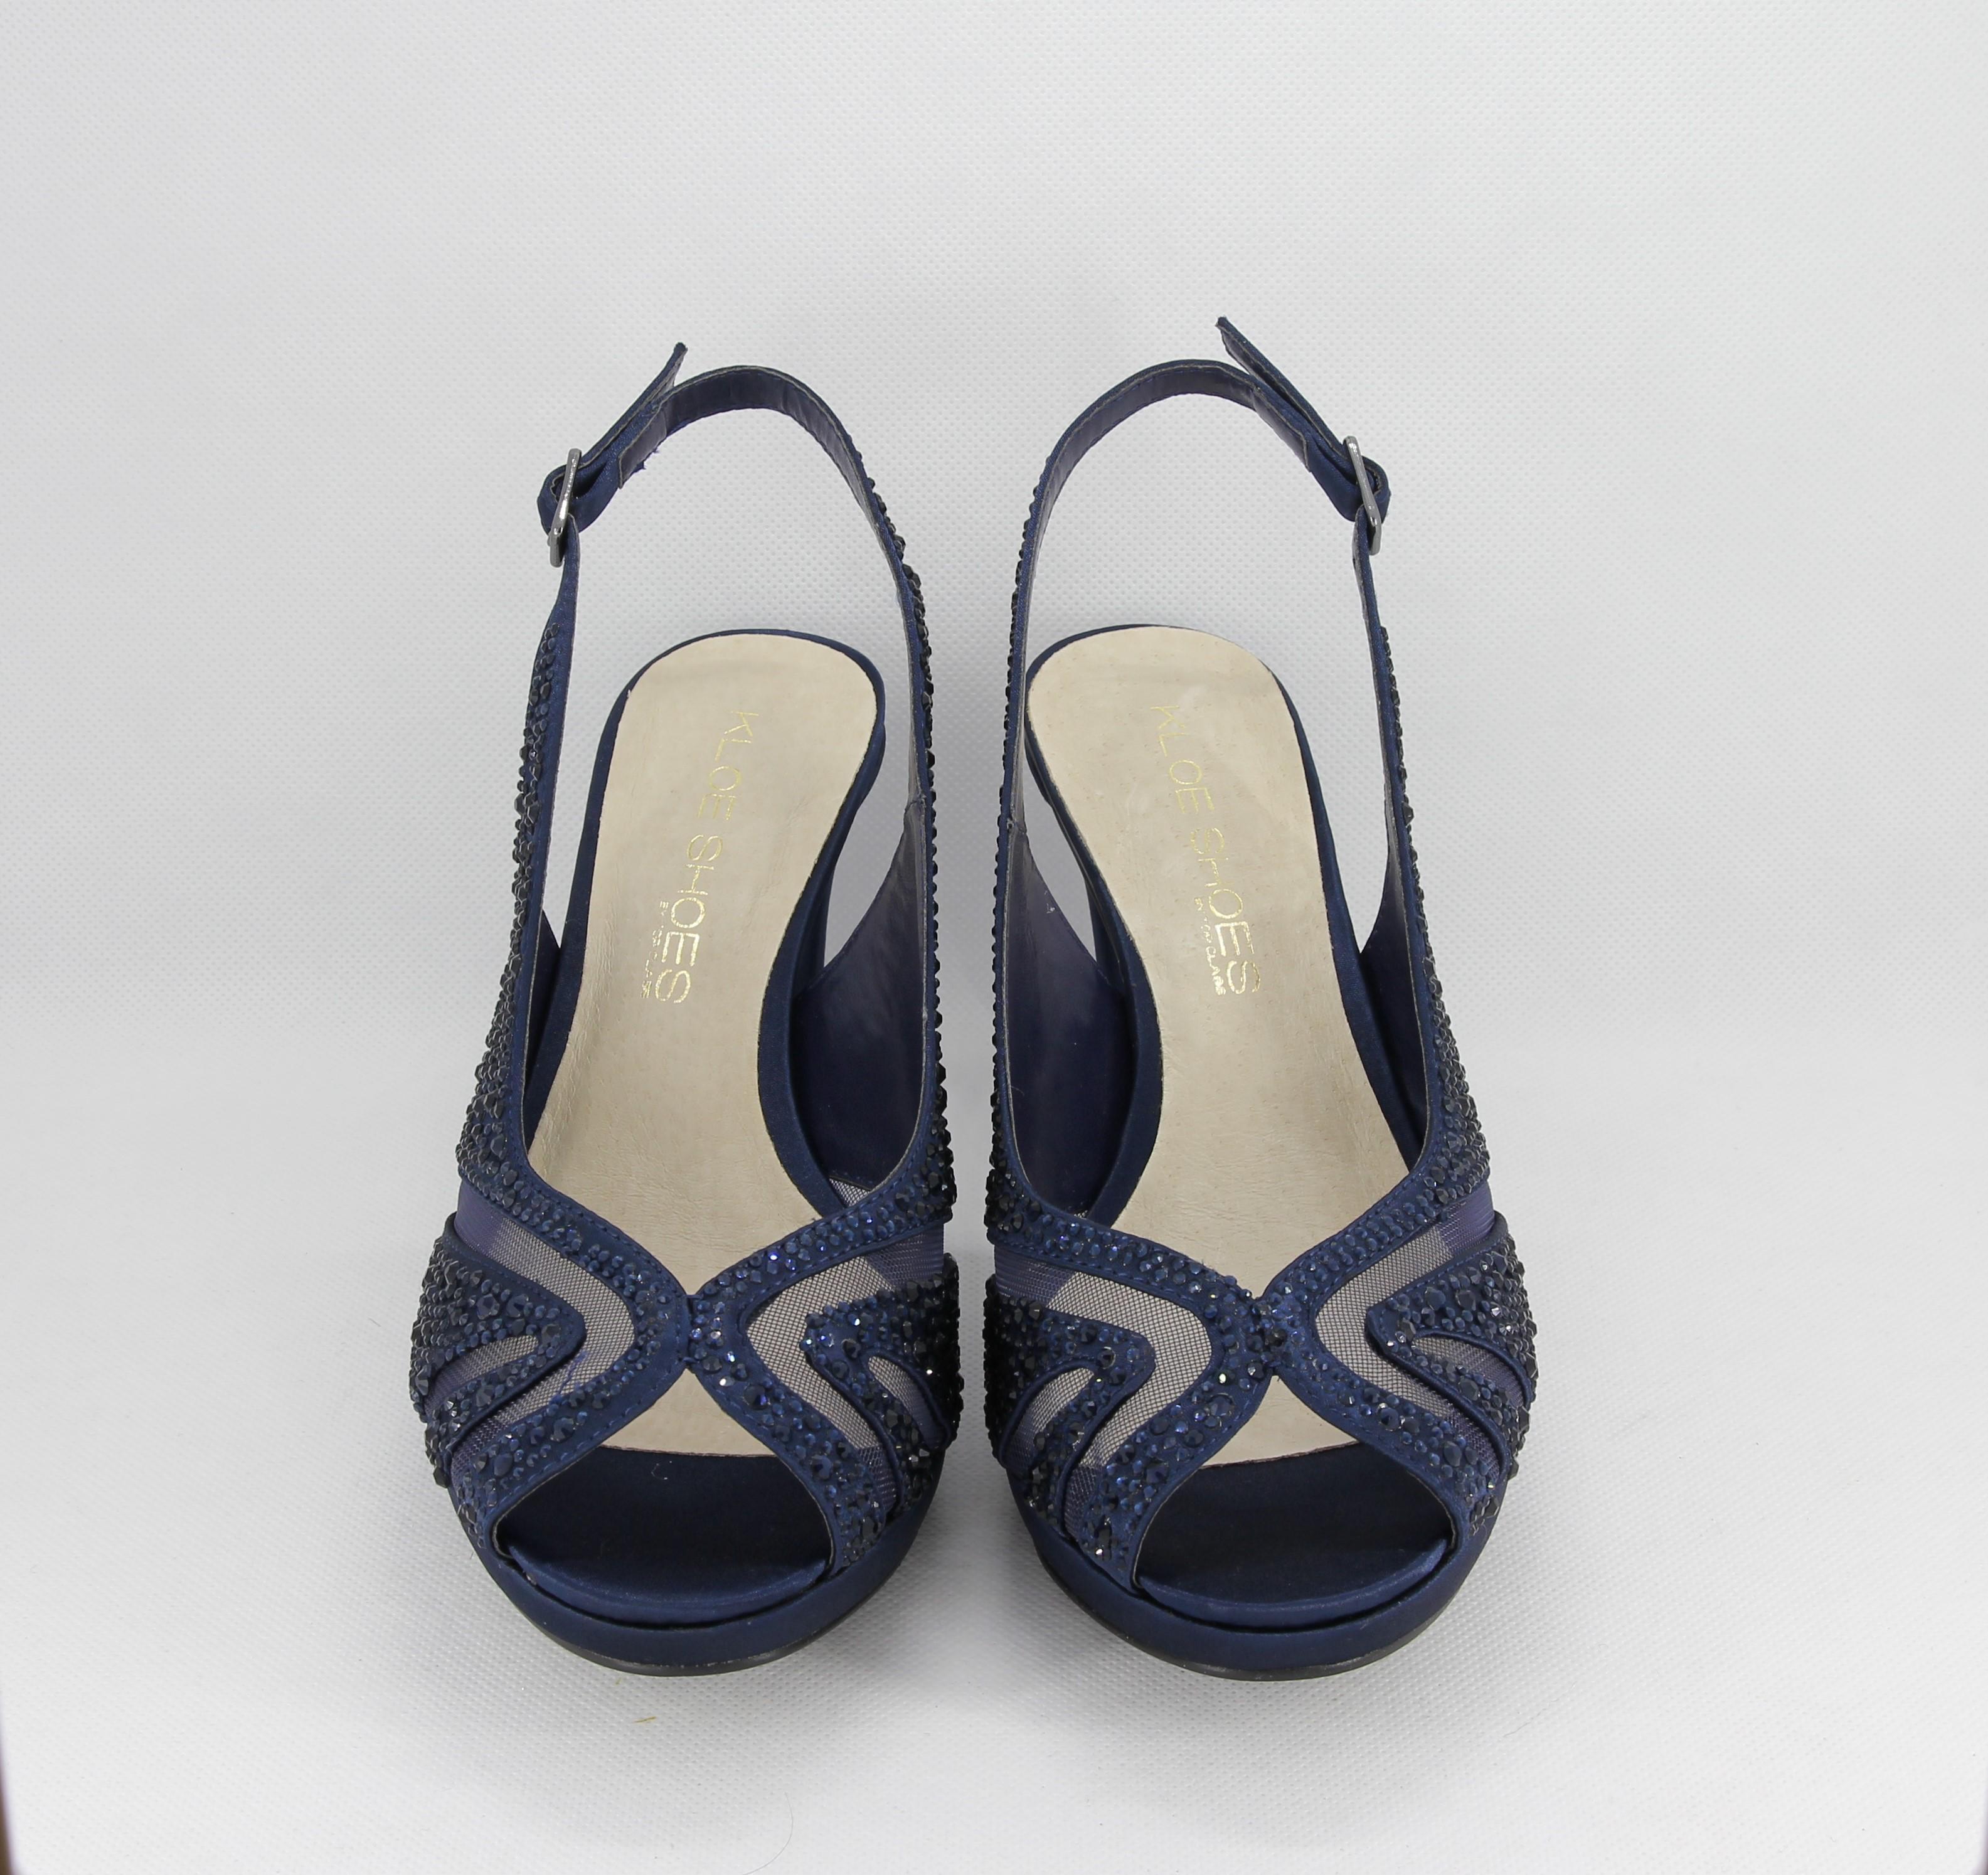 the best attitude 136f9 f9bbd Sandalo cerimonia donna elegante in tessuto blu con applicazione in  cristalli e cinghietta regolabile Art.H17Z10PTRASF0943P07